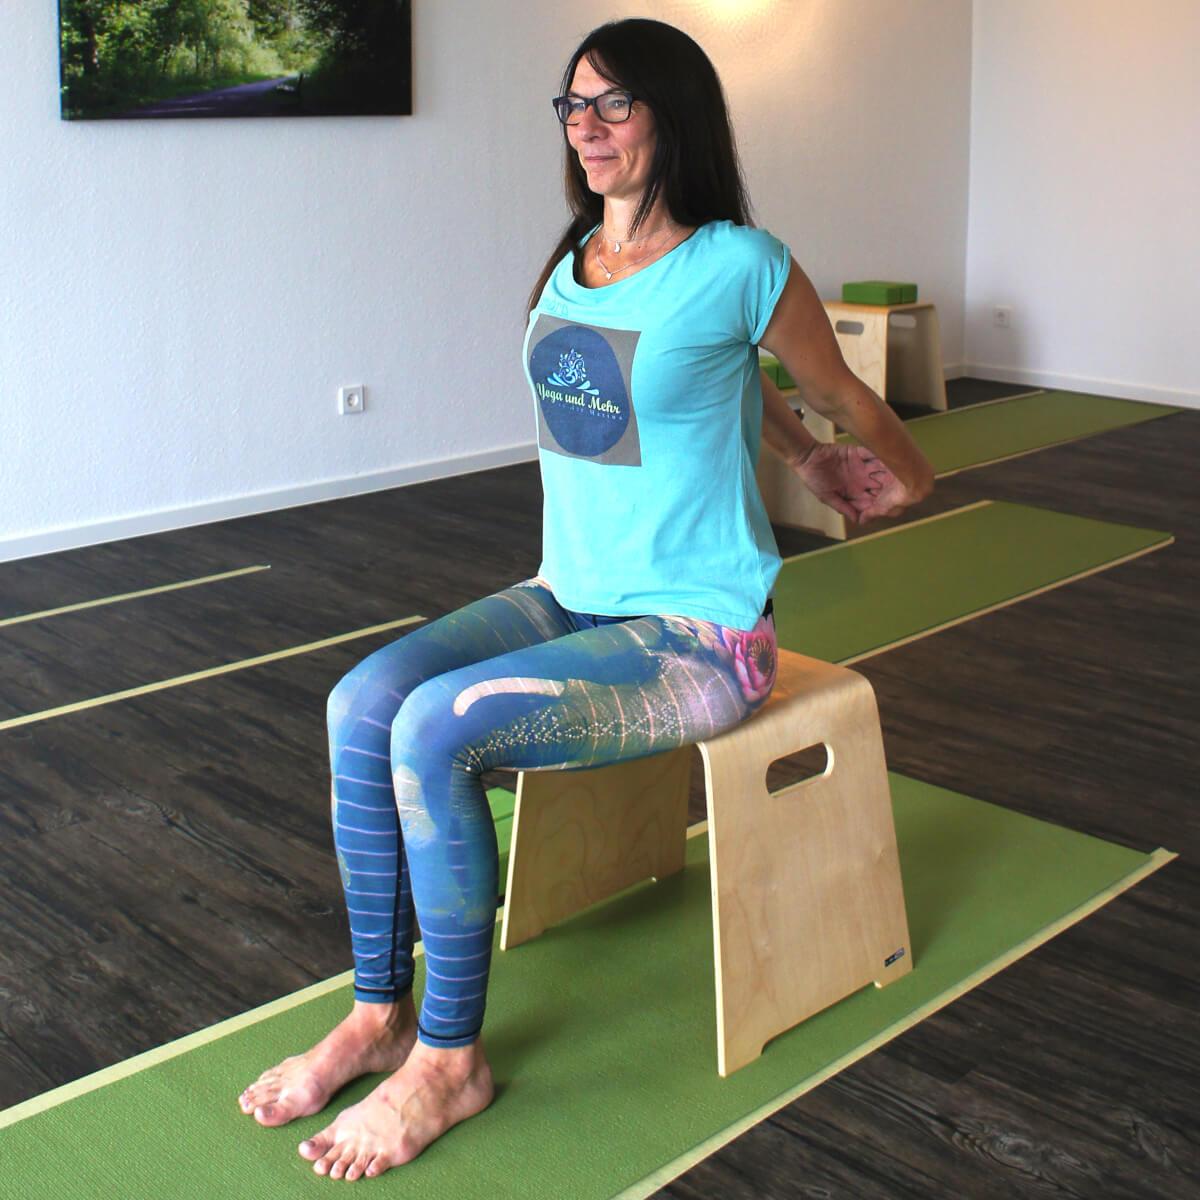 Yoga und mehr an der Marina in gelsenkirchen - Yoga auf dem Stuhl